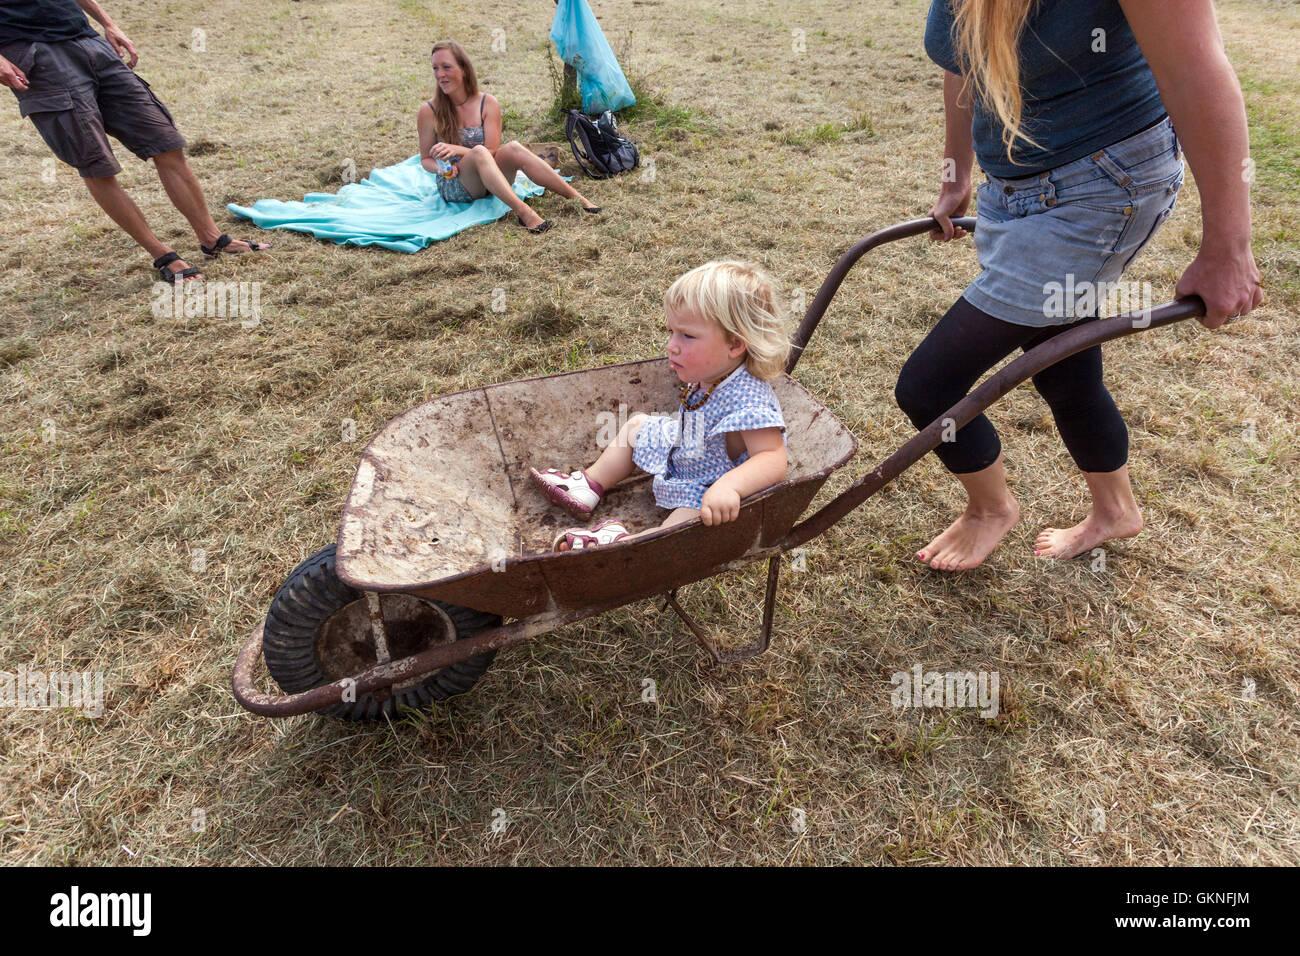 Woman carry a baby in a garden wheelbarrow, Czech Republic - Stock Image